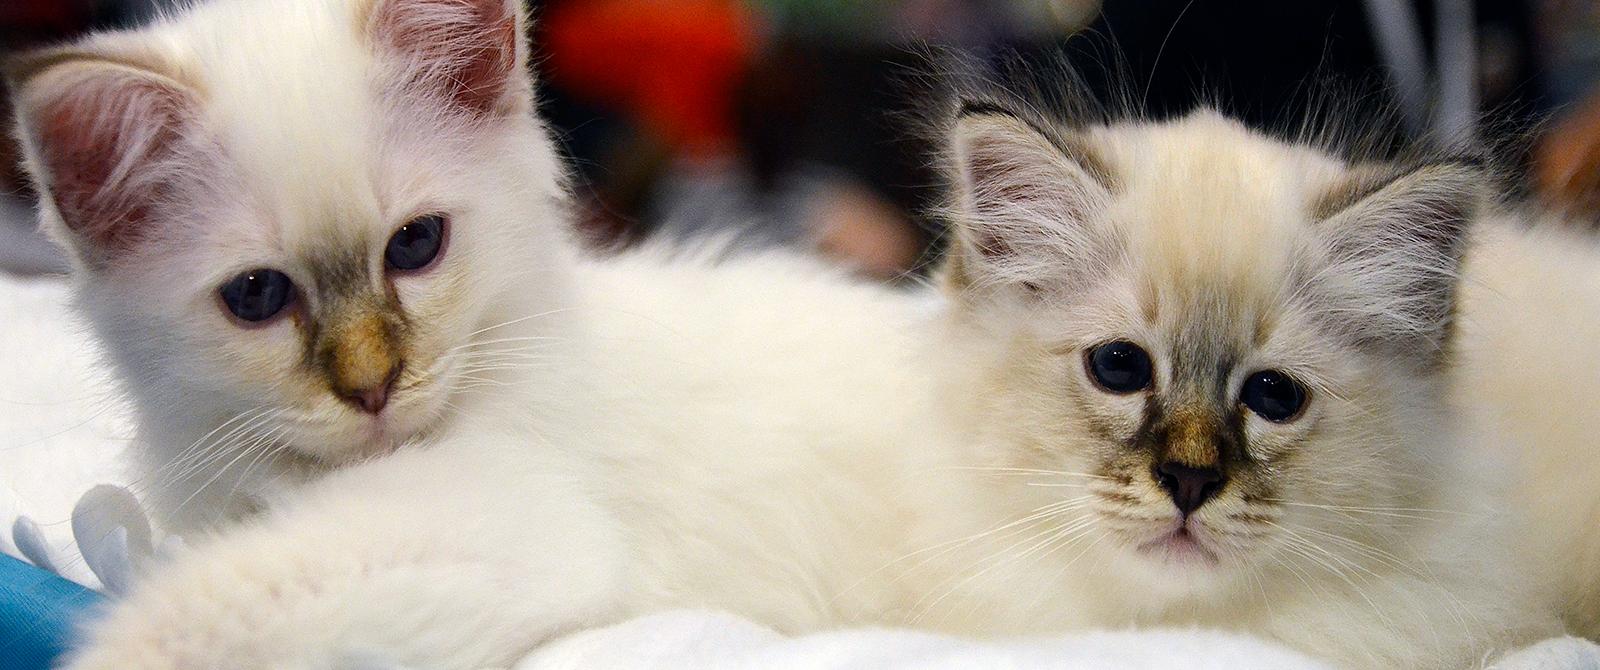 Pirmoji ALPHA CATUM kačių paroda